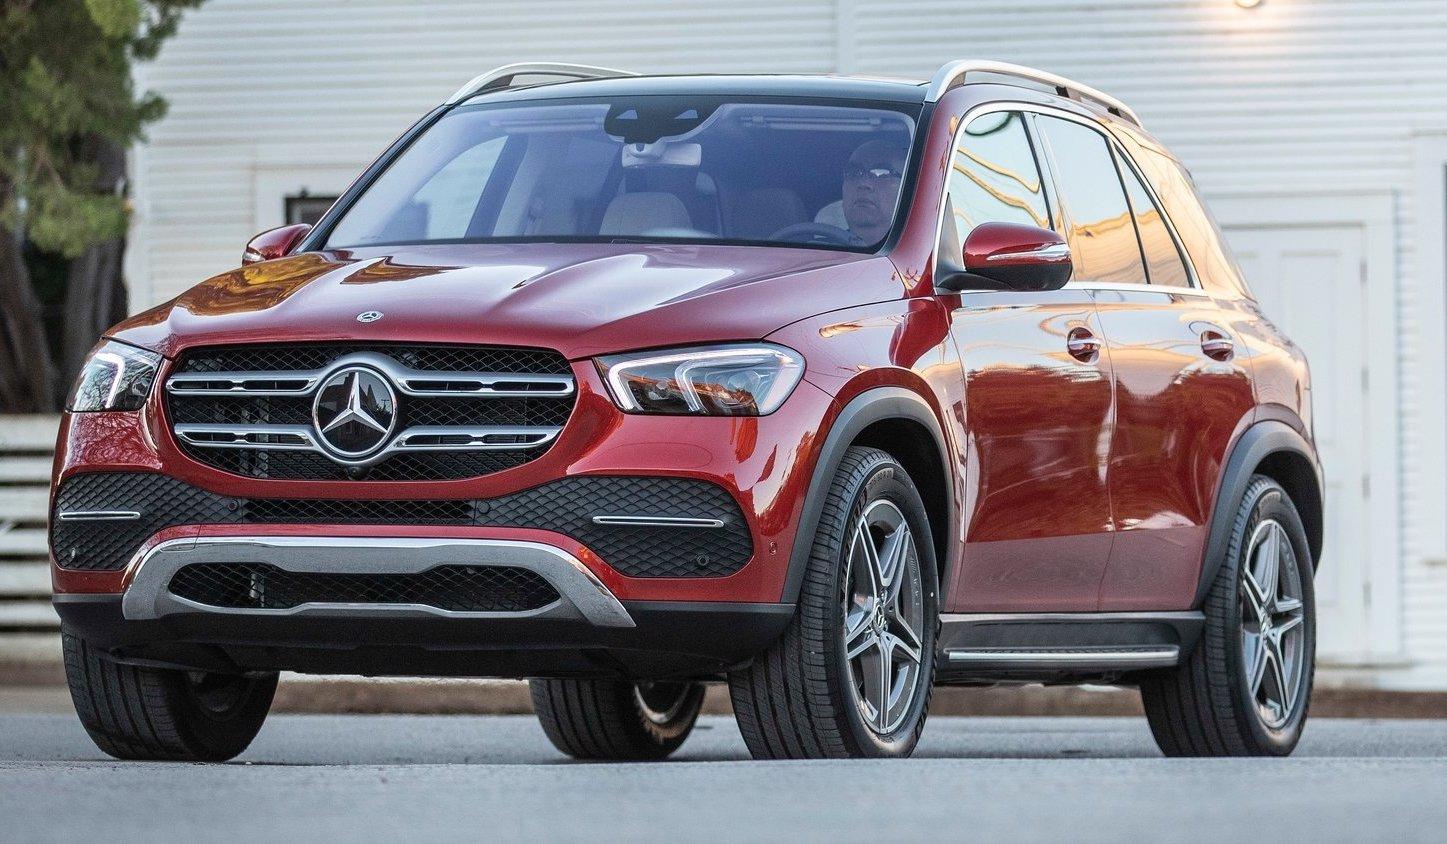 Laddhybridversionen av Mercedes GLE har en elräckvidd på omkring tio mil. Nu kommer samma långa räckvidd även till den betydligt mer överkomliga C-klassen.